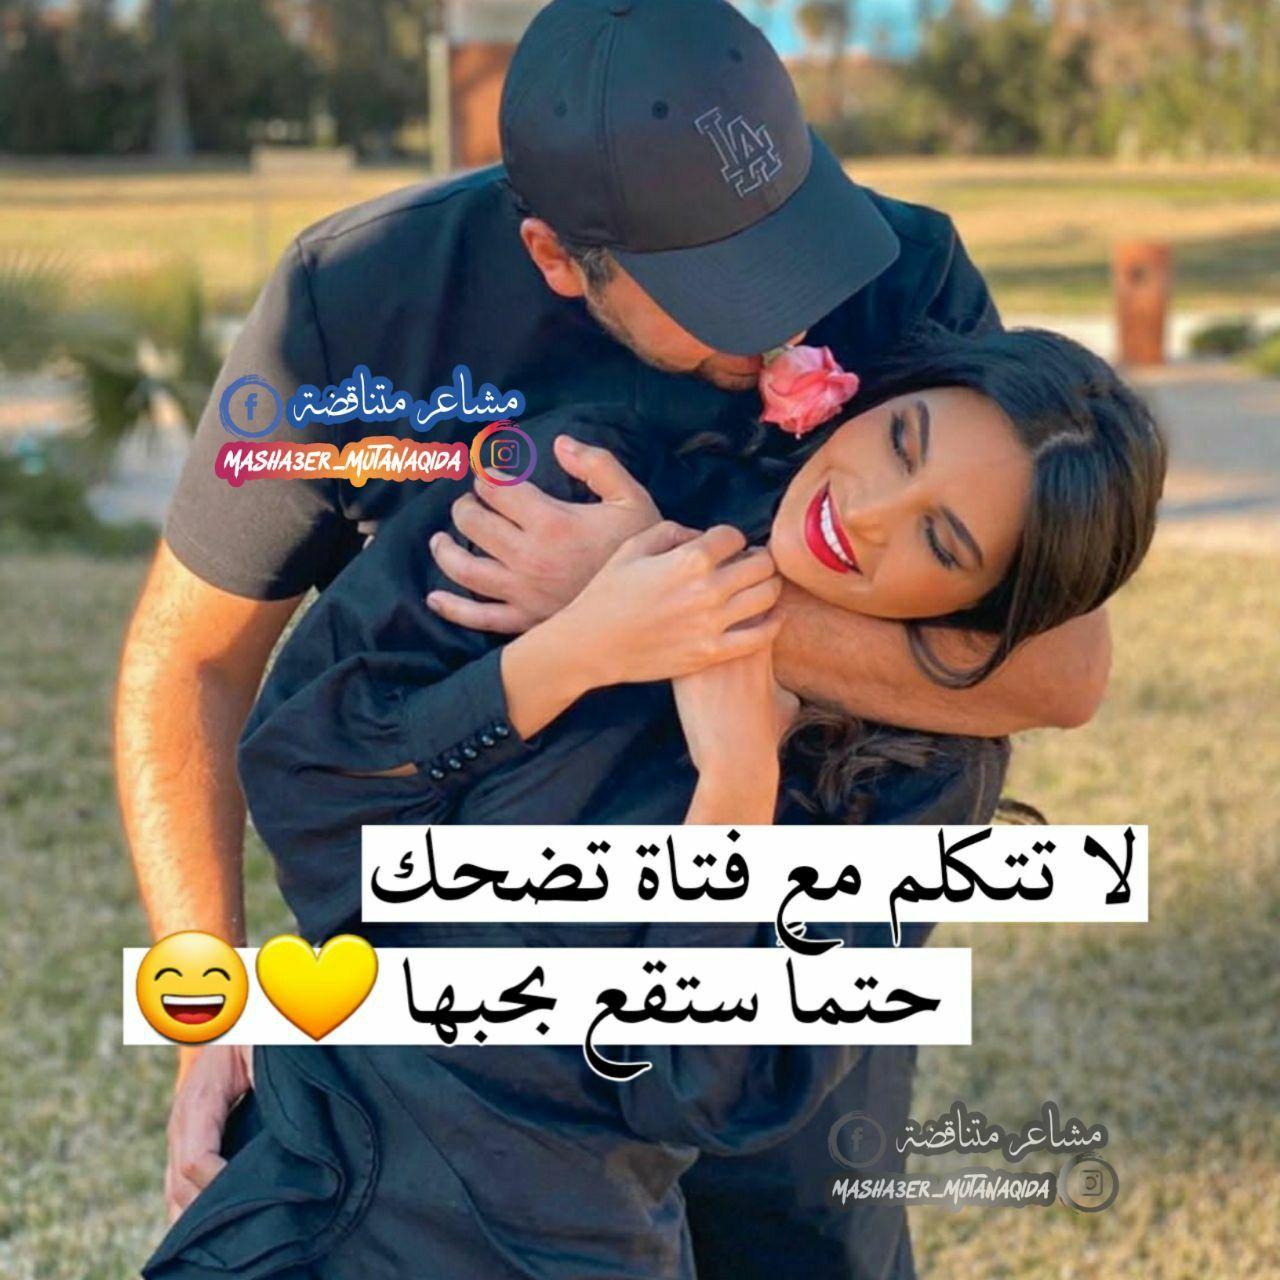 لا تتكلم مع فتاة تضحك كثيرا حتما ستقع بحبها Beautiful Arabic Words Instagram Arabic Words